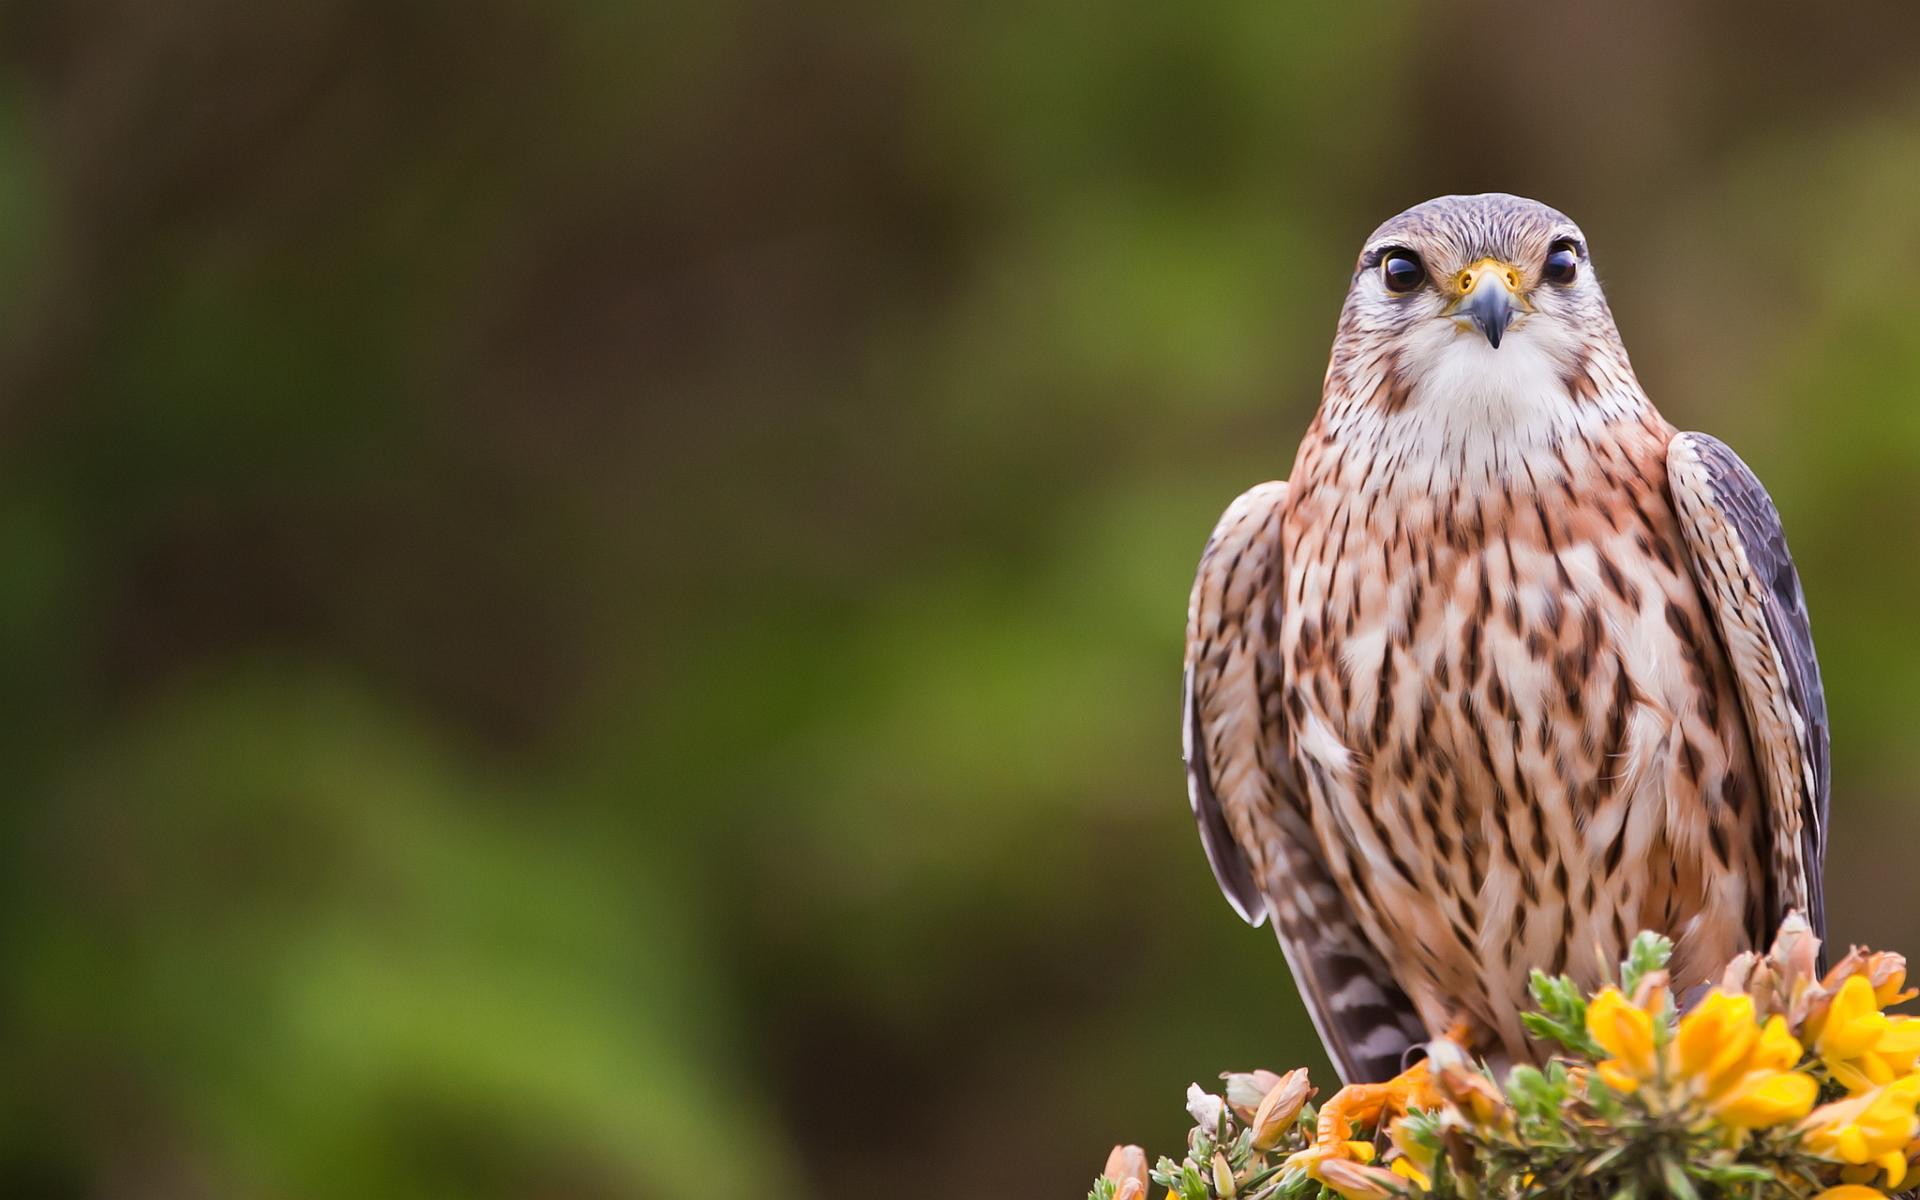 Cute Falcon